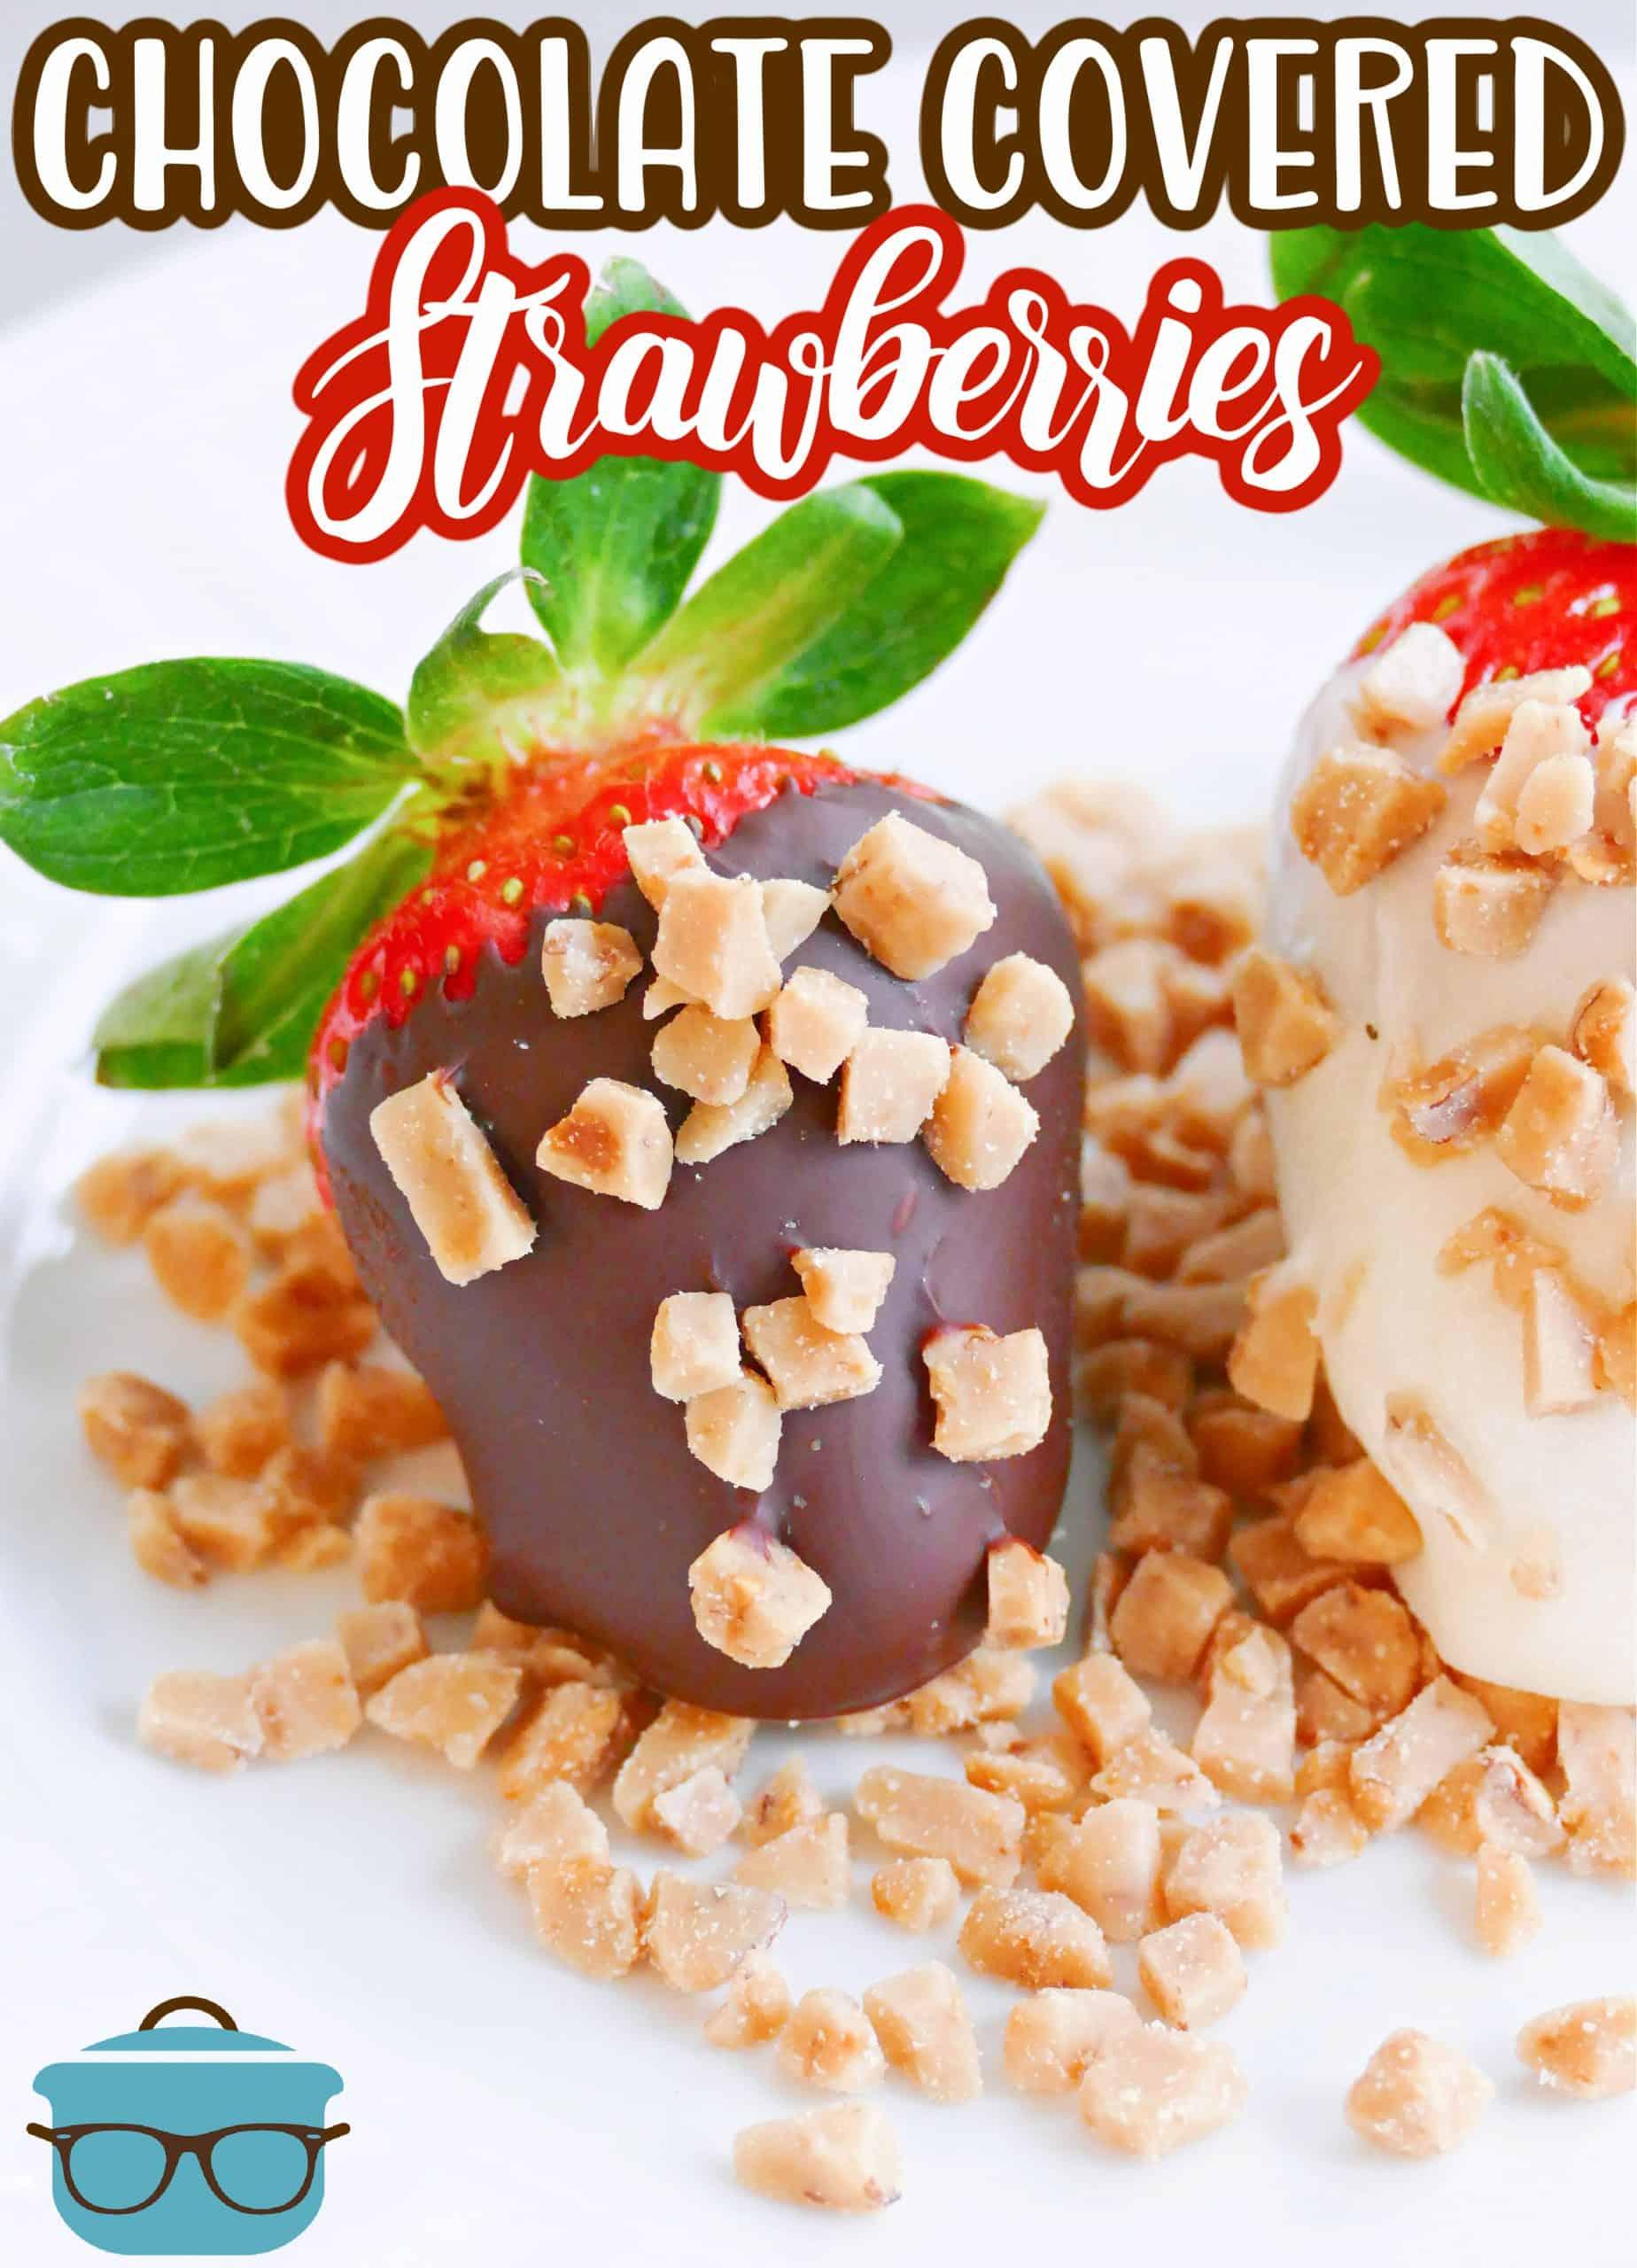 Com apenas 3 ingredientes de chocolate, morangos e pedaços de caramelo, estes Morangos Cobertos com Chocolate são uma receita deliciosa e fácil que todos podem saborear a qualquer momento!